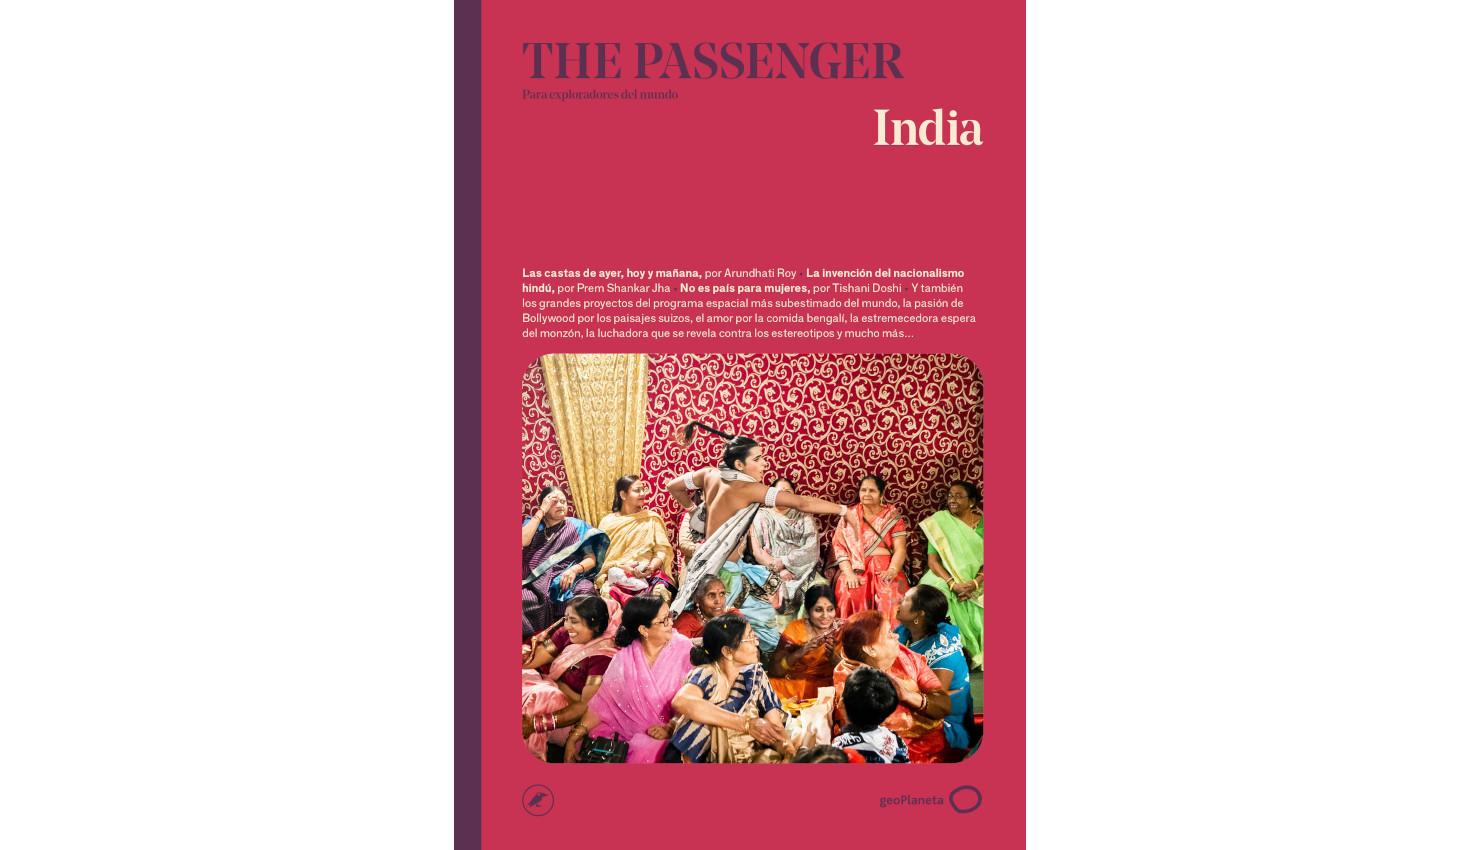 thepassengerindia-magazinehorse